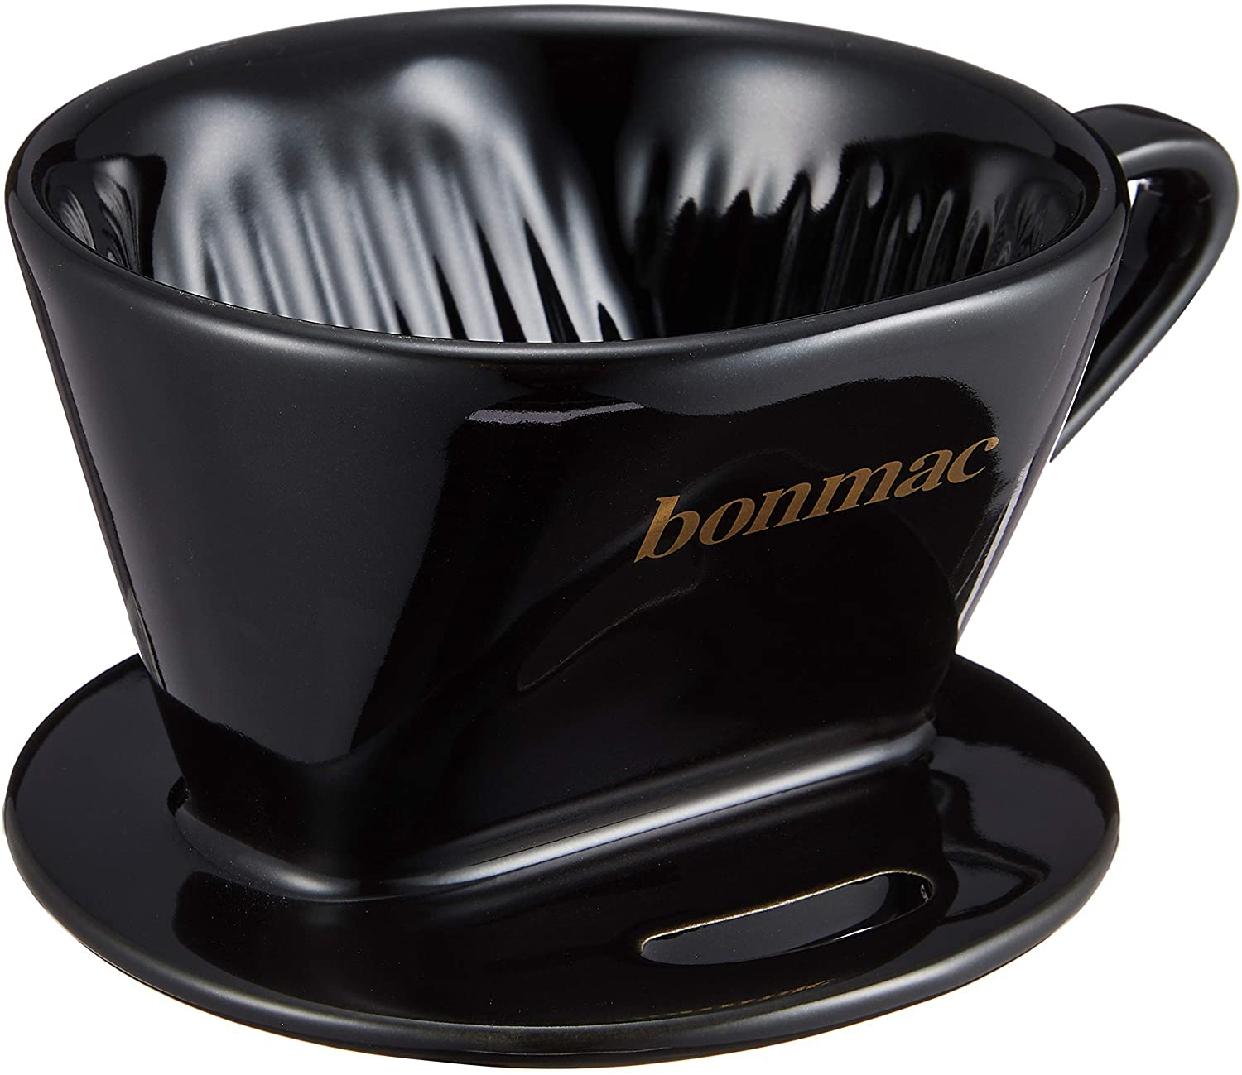 BONMAC(ボンマック) コーヒー ドリッパー メジャースプーン付き 1~2杯用 CD-1B ブラック #813002の商品画像